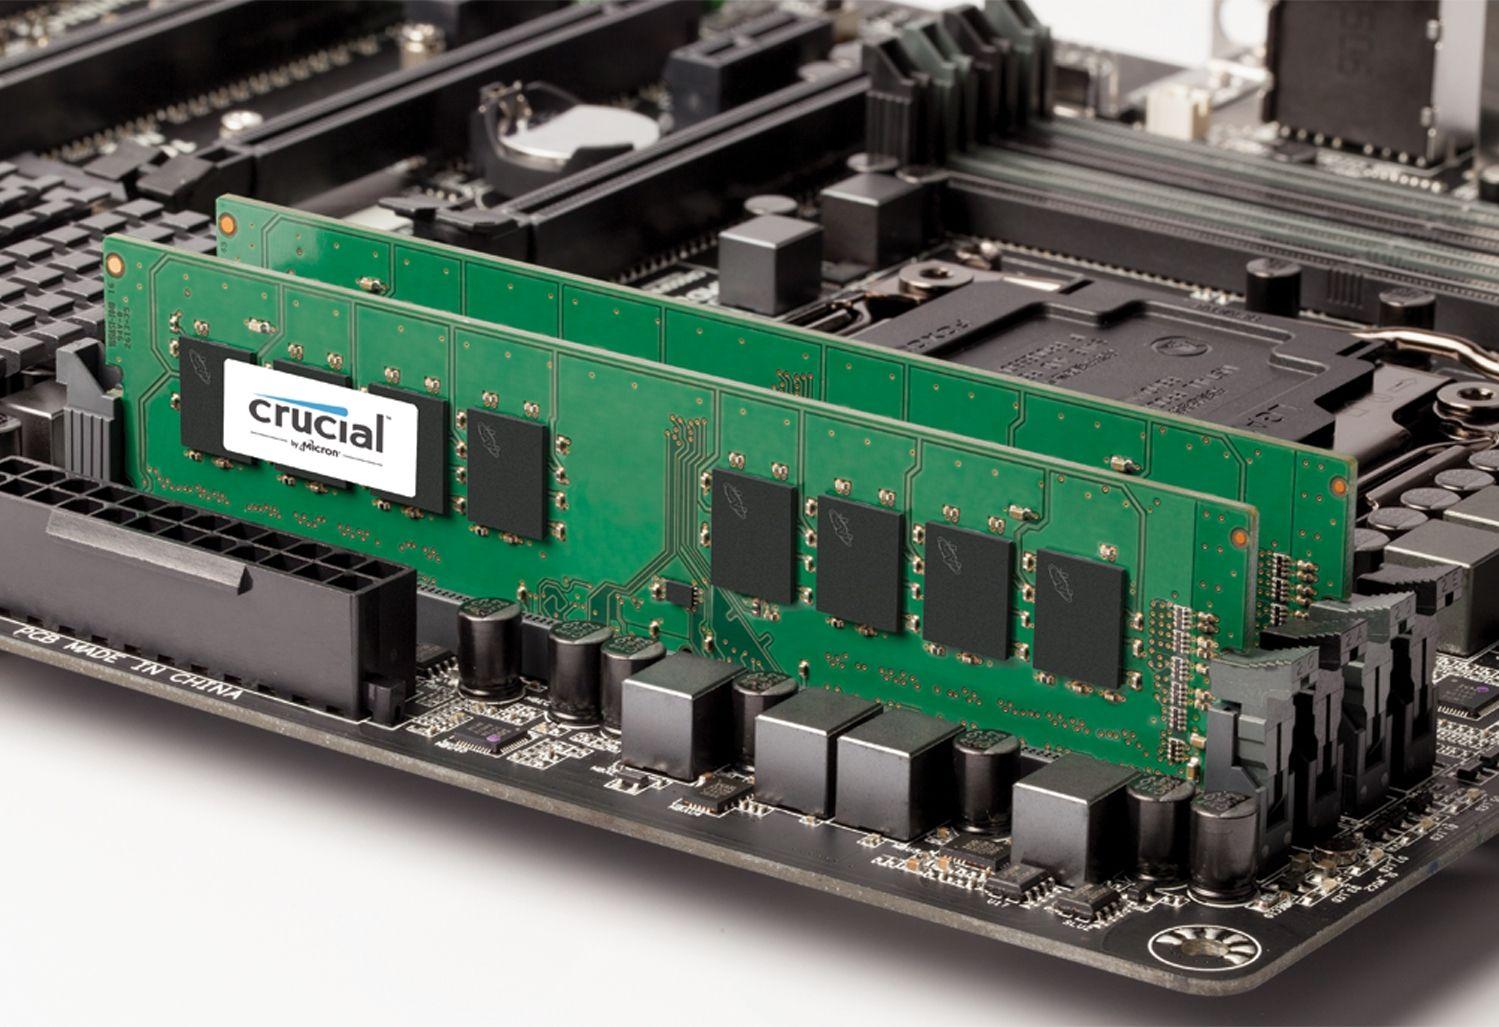 Un modulo di memoria RAM Crucial su una scheda madre per computer esposta per indicare come aggiornare la memoria su un computer vecchio